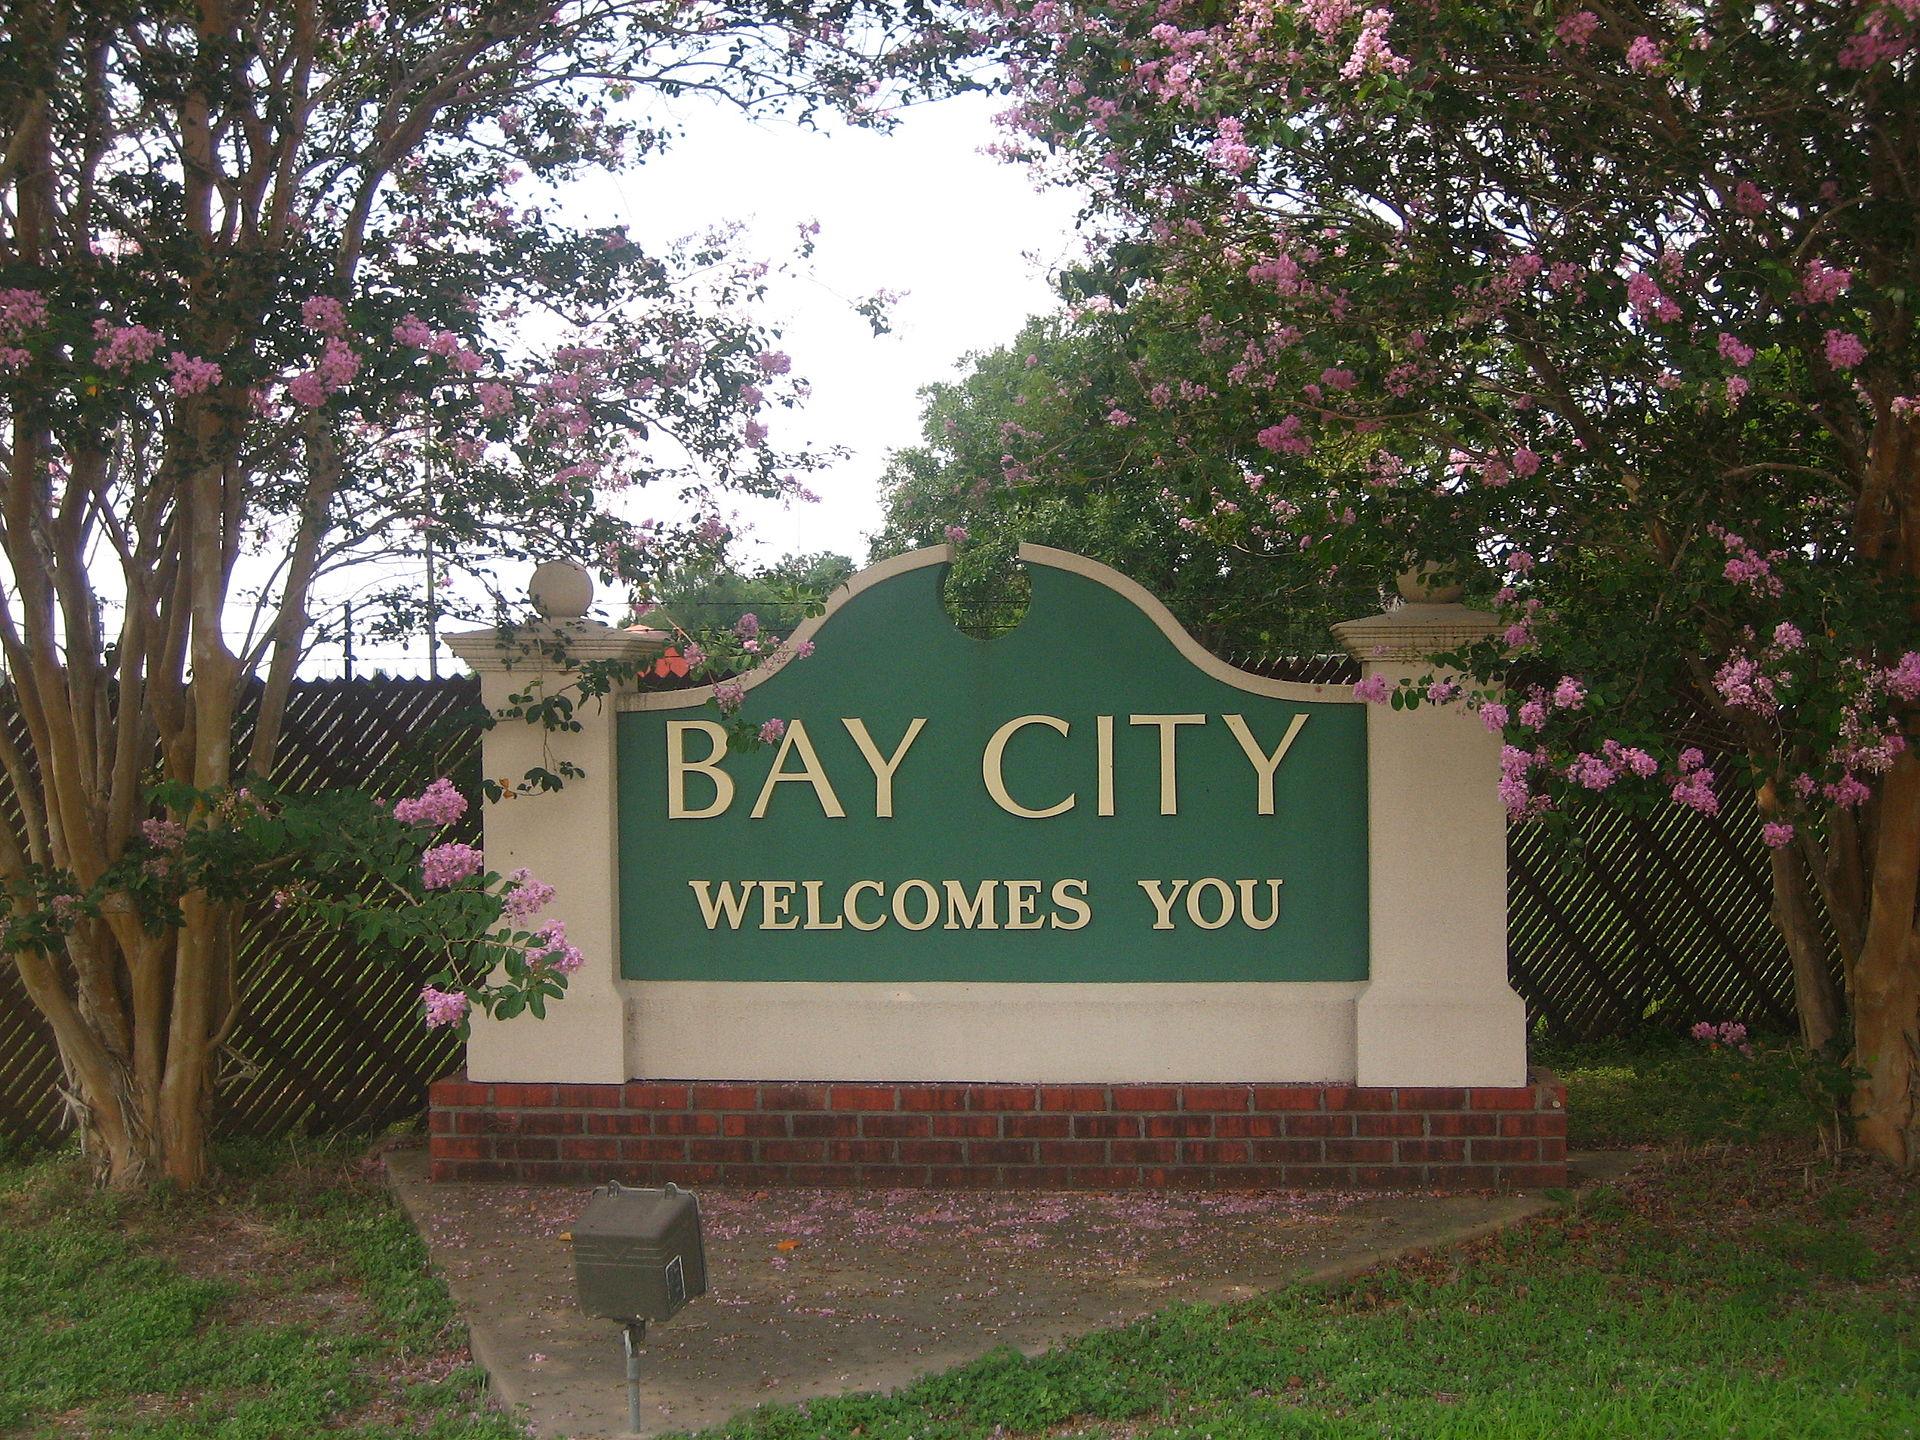 bay city tx dating láska taky seznamka